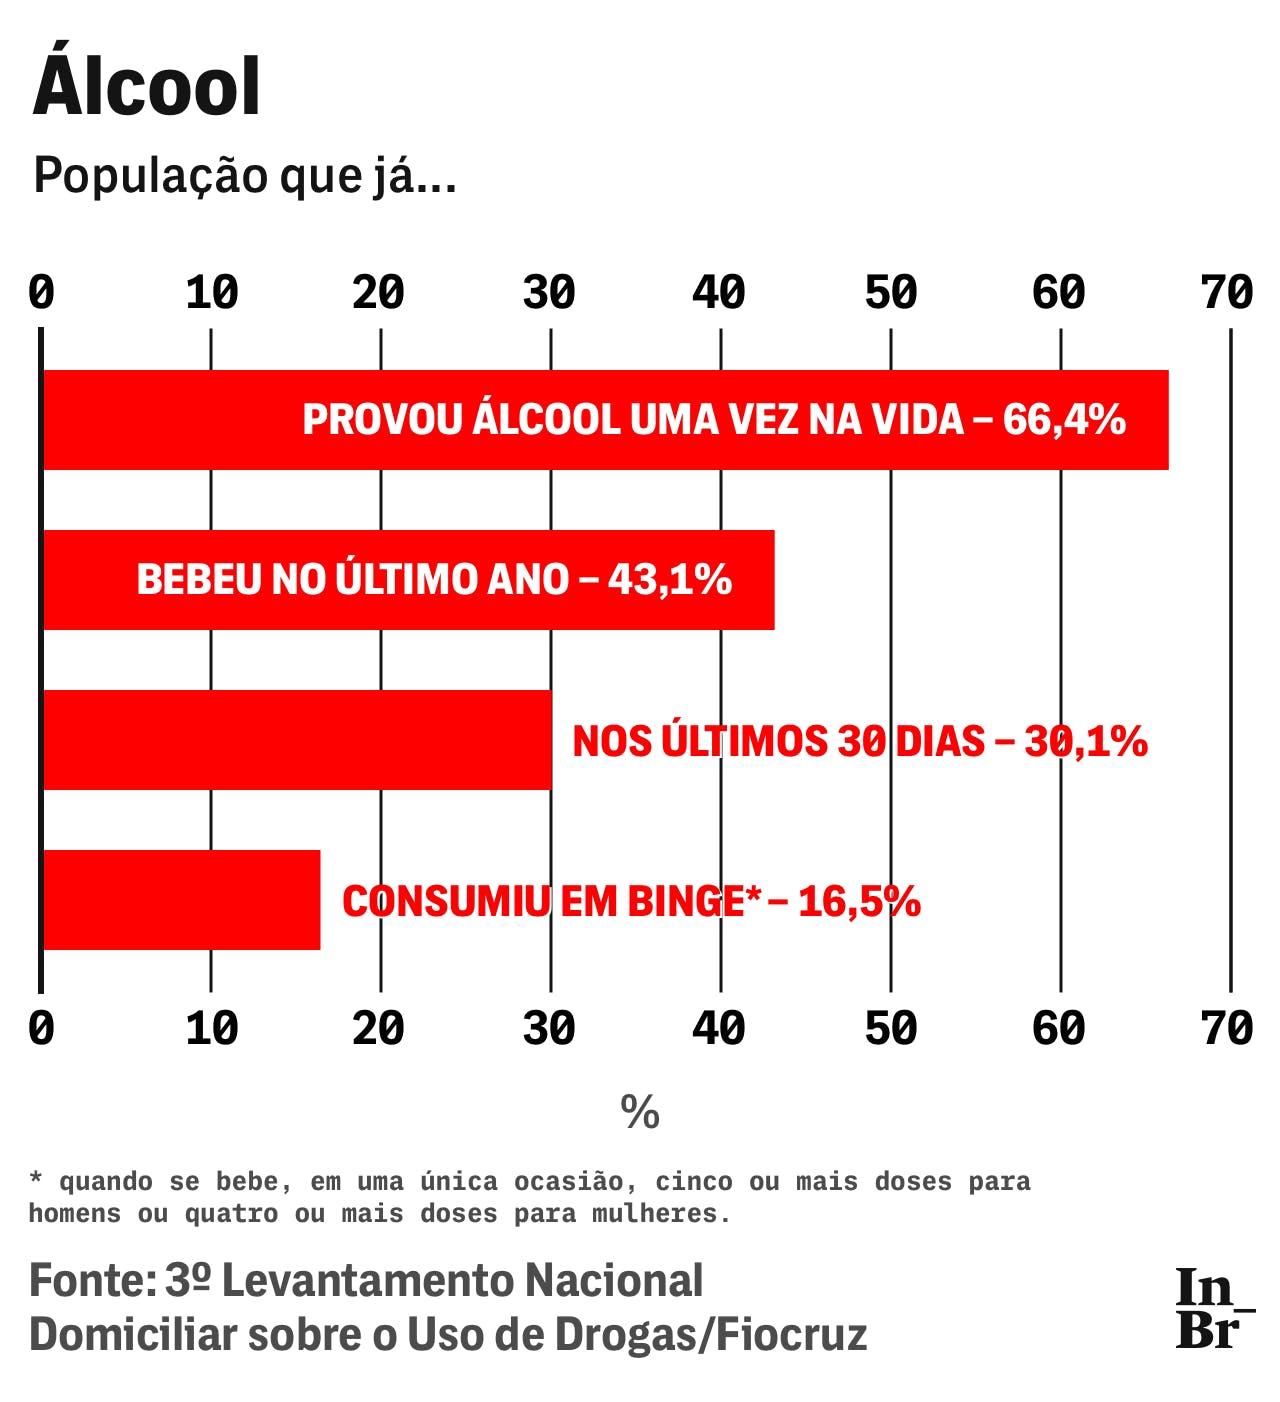 29 03 19 drogas grafico ilicitas 2 3 1554130565 Guerra à informação: Governo esconde levantamento nacional sobre o uso de drogas